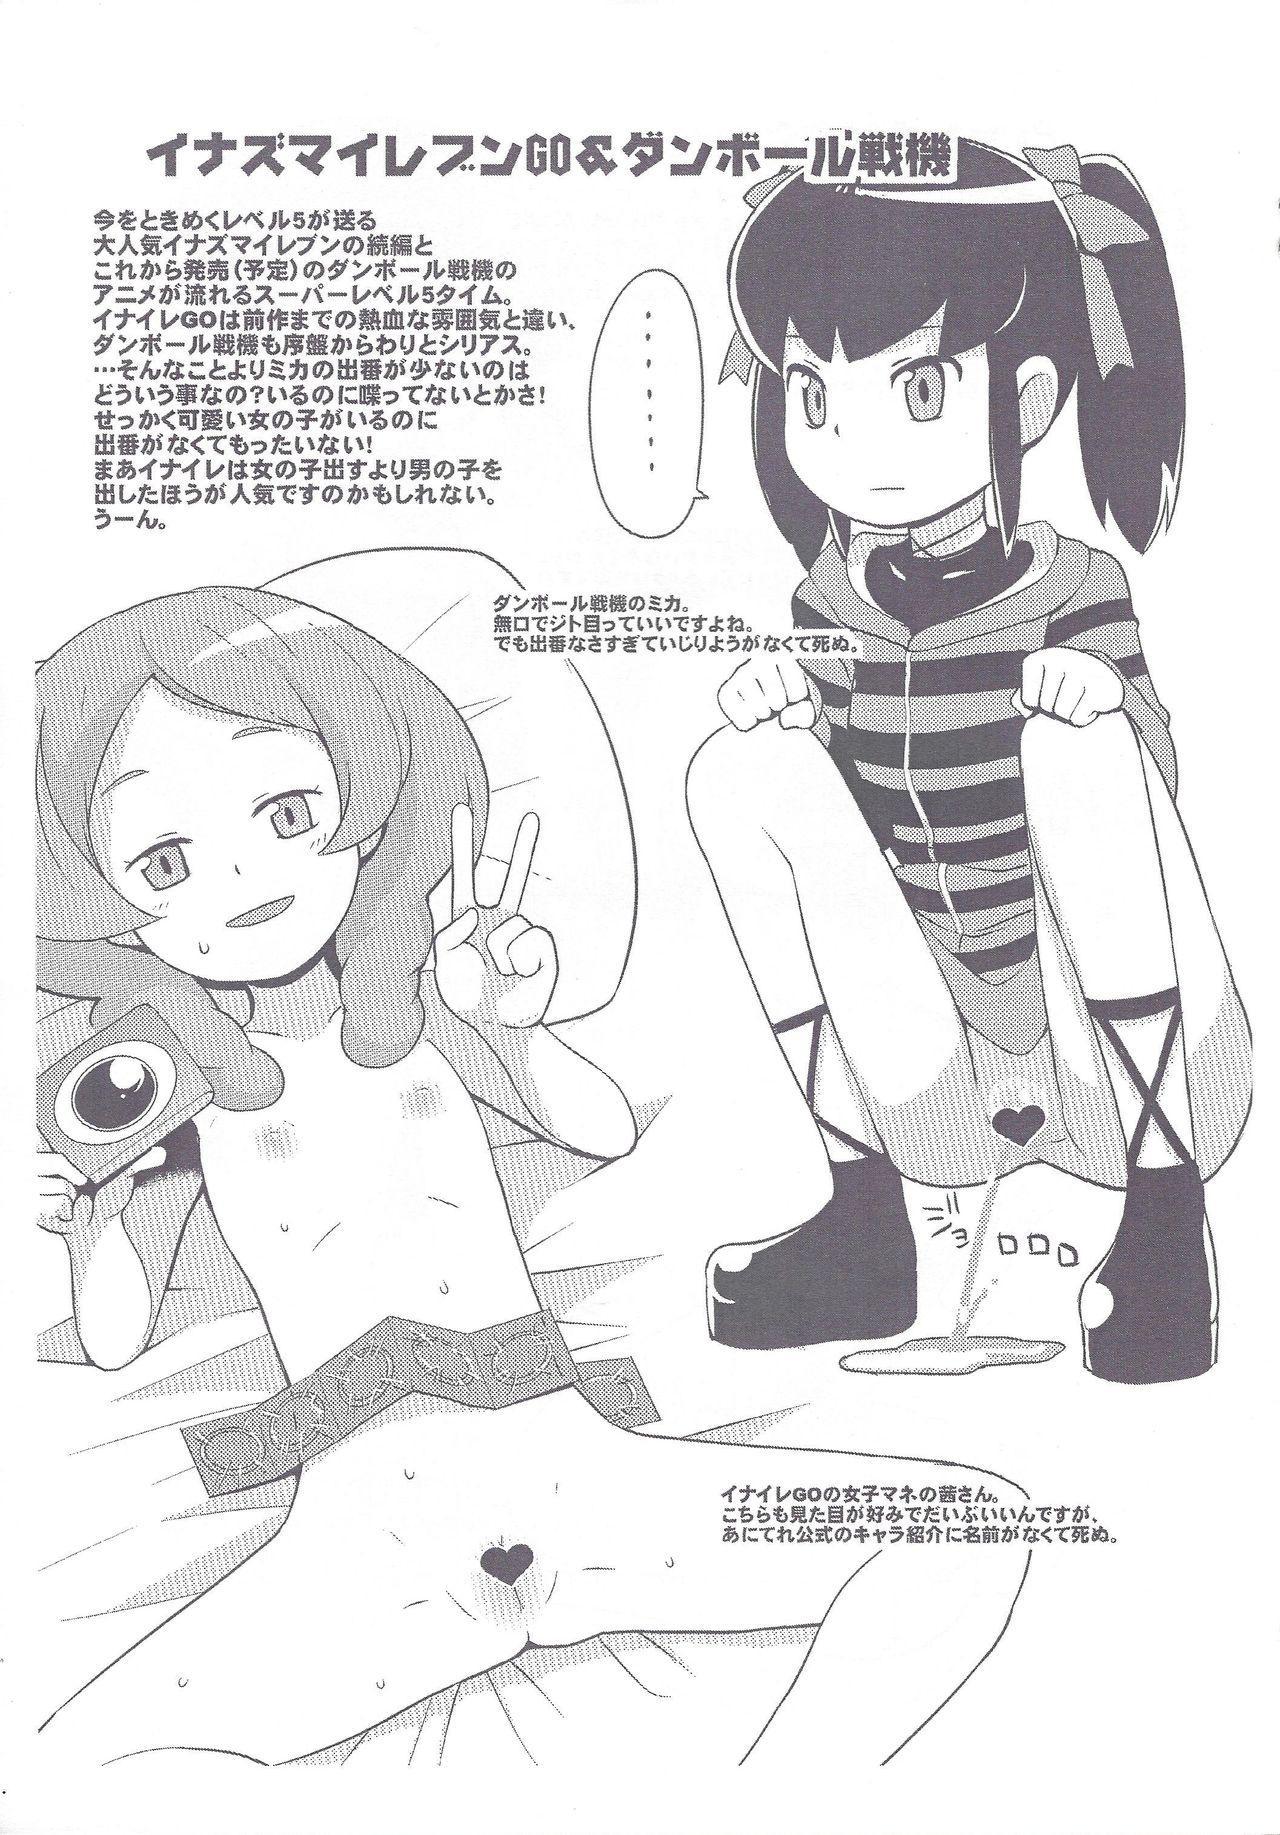 Chibikko Bitch 2011 Spring Issue 4